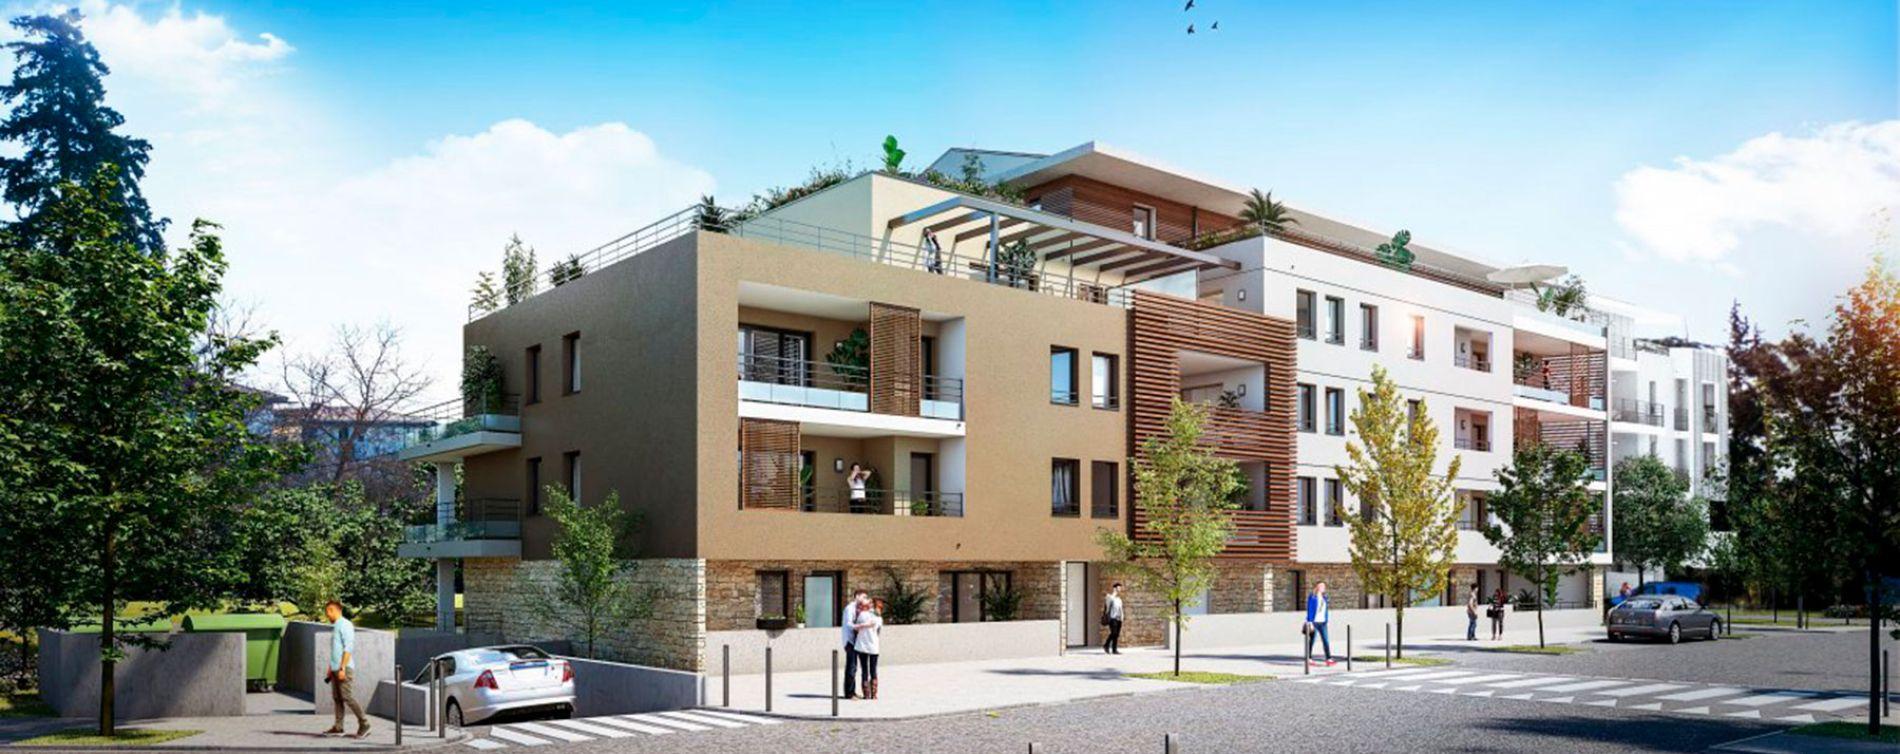 Résidence Poésia à Aix-en-Provence